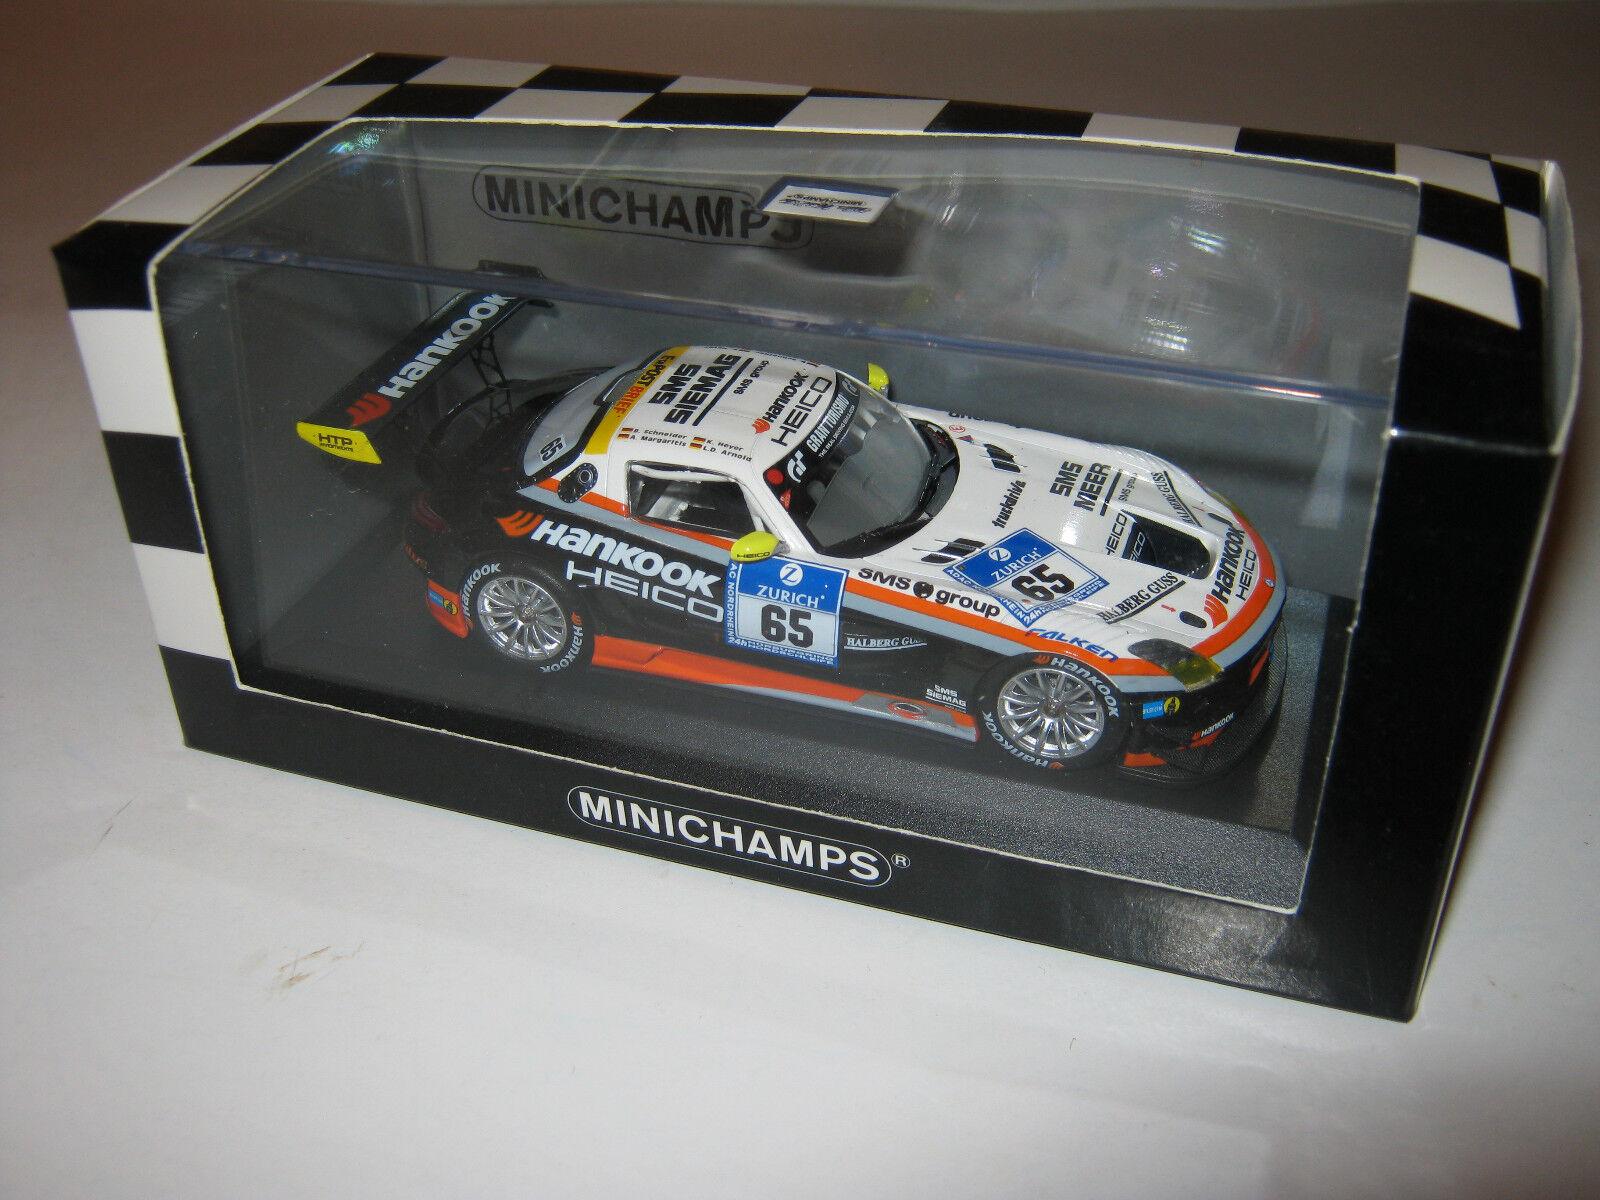 1 43 Mercedes SLS AMG gt3 Heyer Schneider Caoutchouc Nitrile butadiène. 2012 437123265 Minichamps NEW